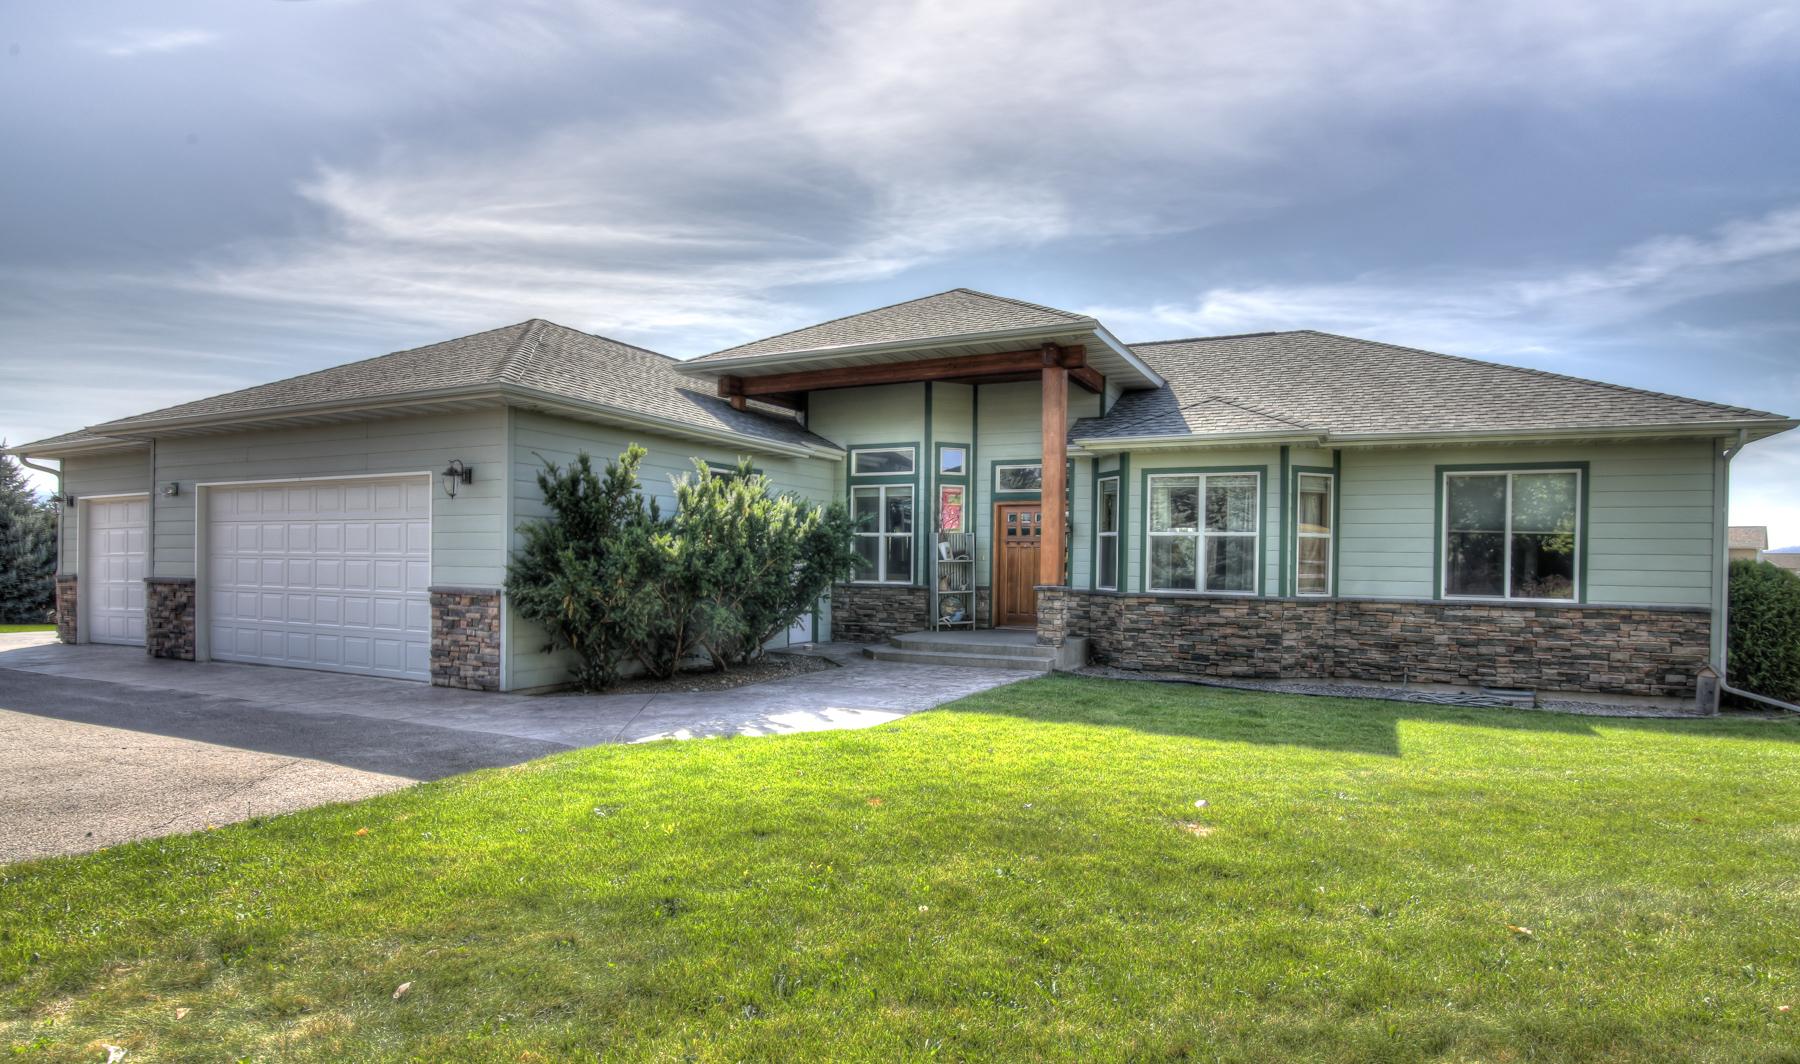 Tek Ailelik Ev için Satış at 1865 Kootenai Dr , Missoula, MT 59808 1865 Kootenai Dr Missoula, Montana, 59808 Amerika Birleşik Devletleri